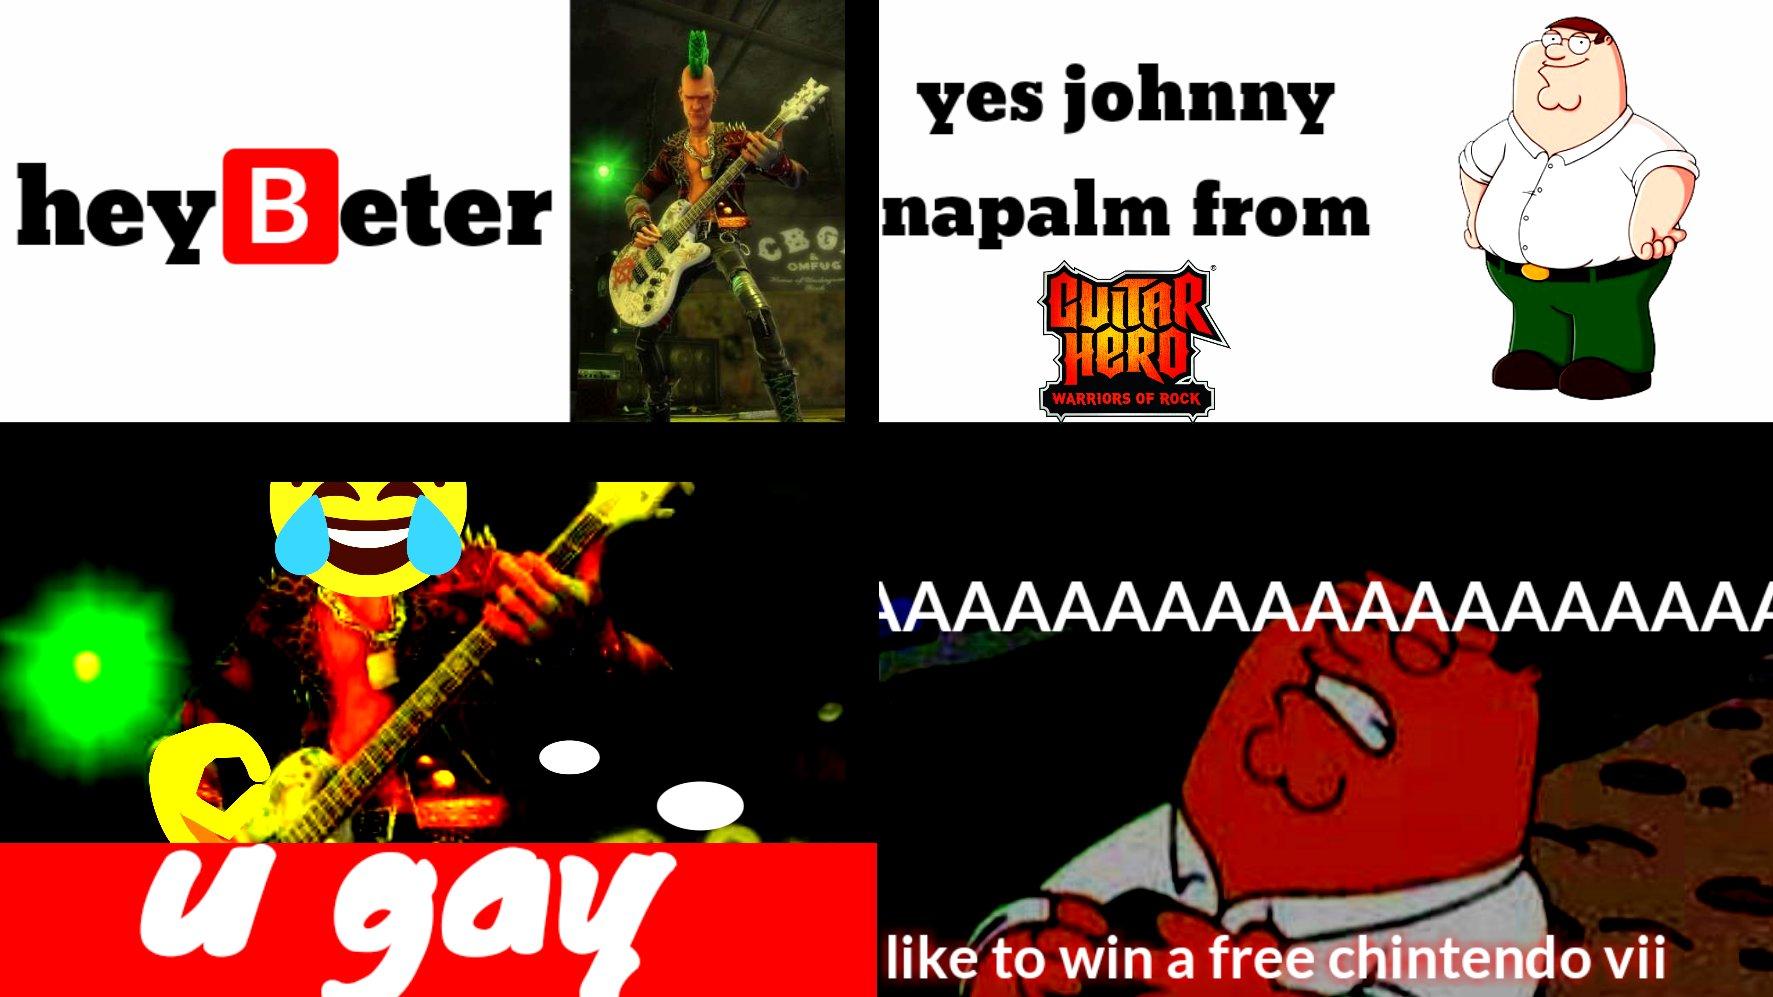 johnny napalm warrior